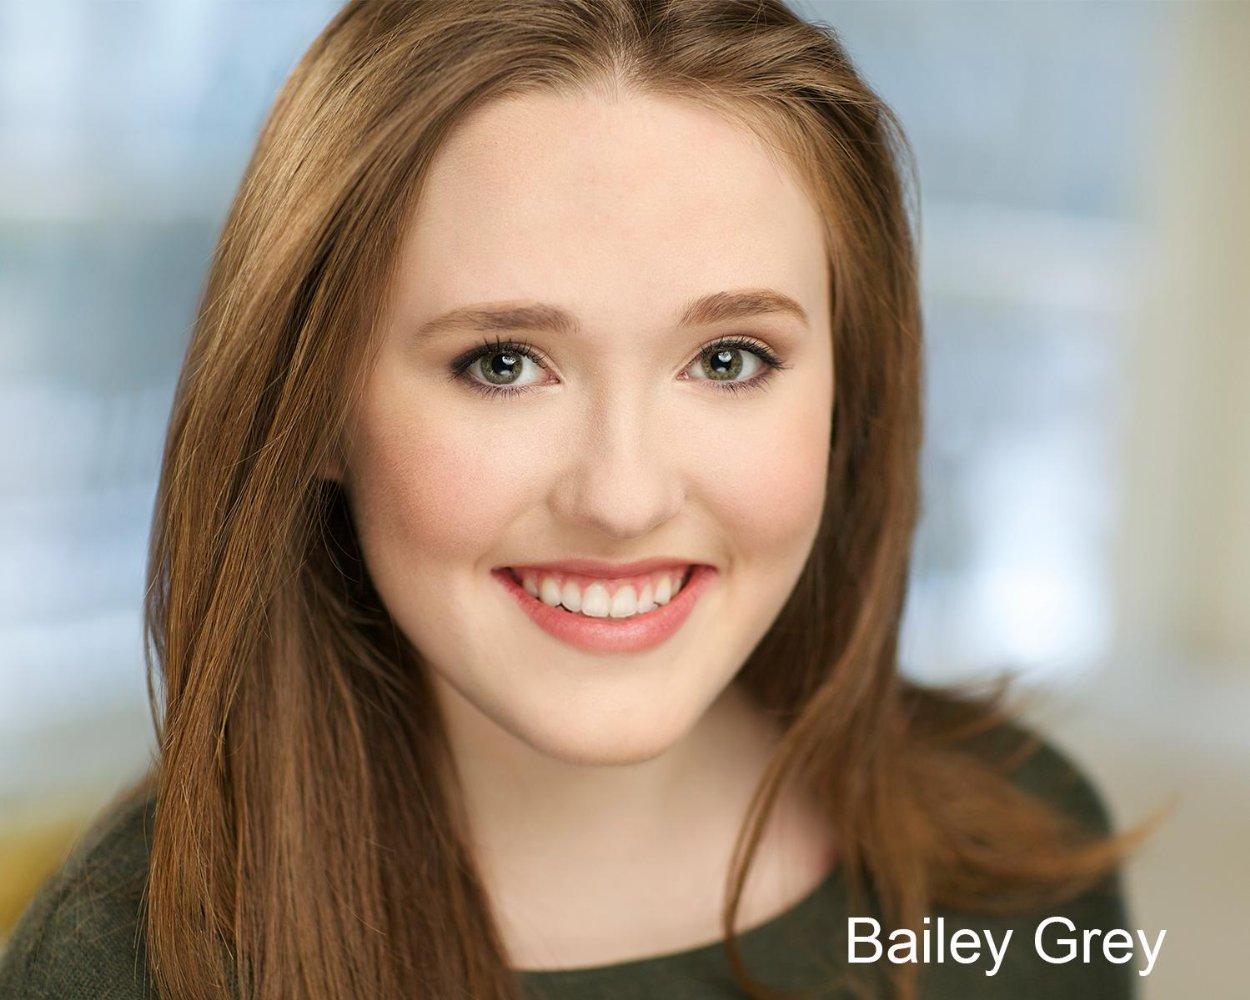 Bailey Grey